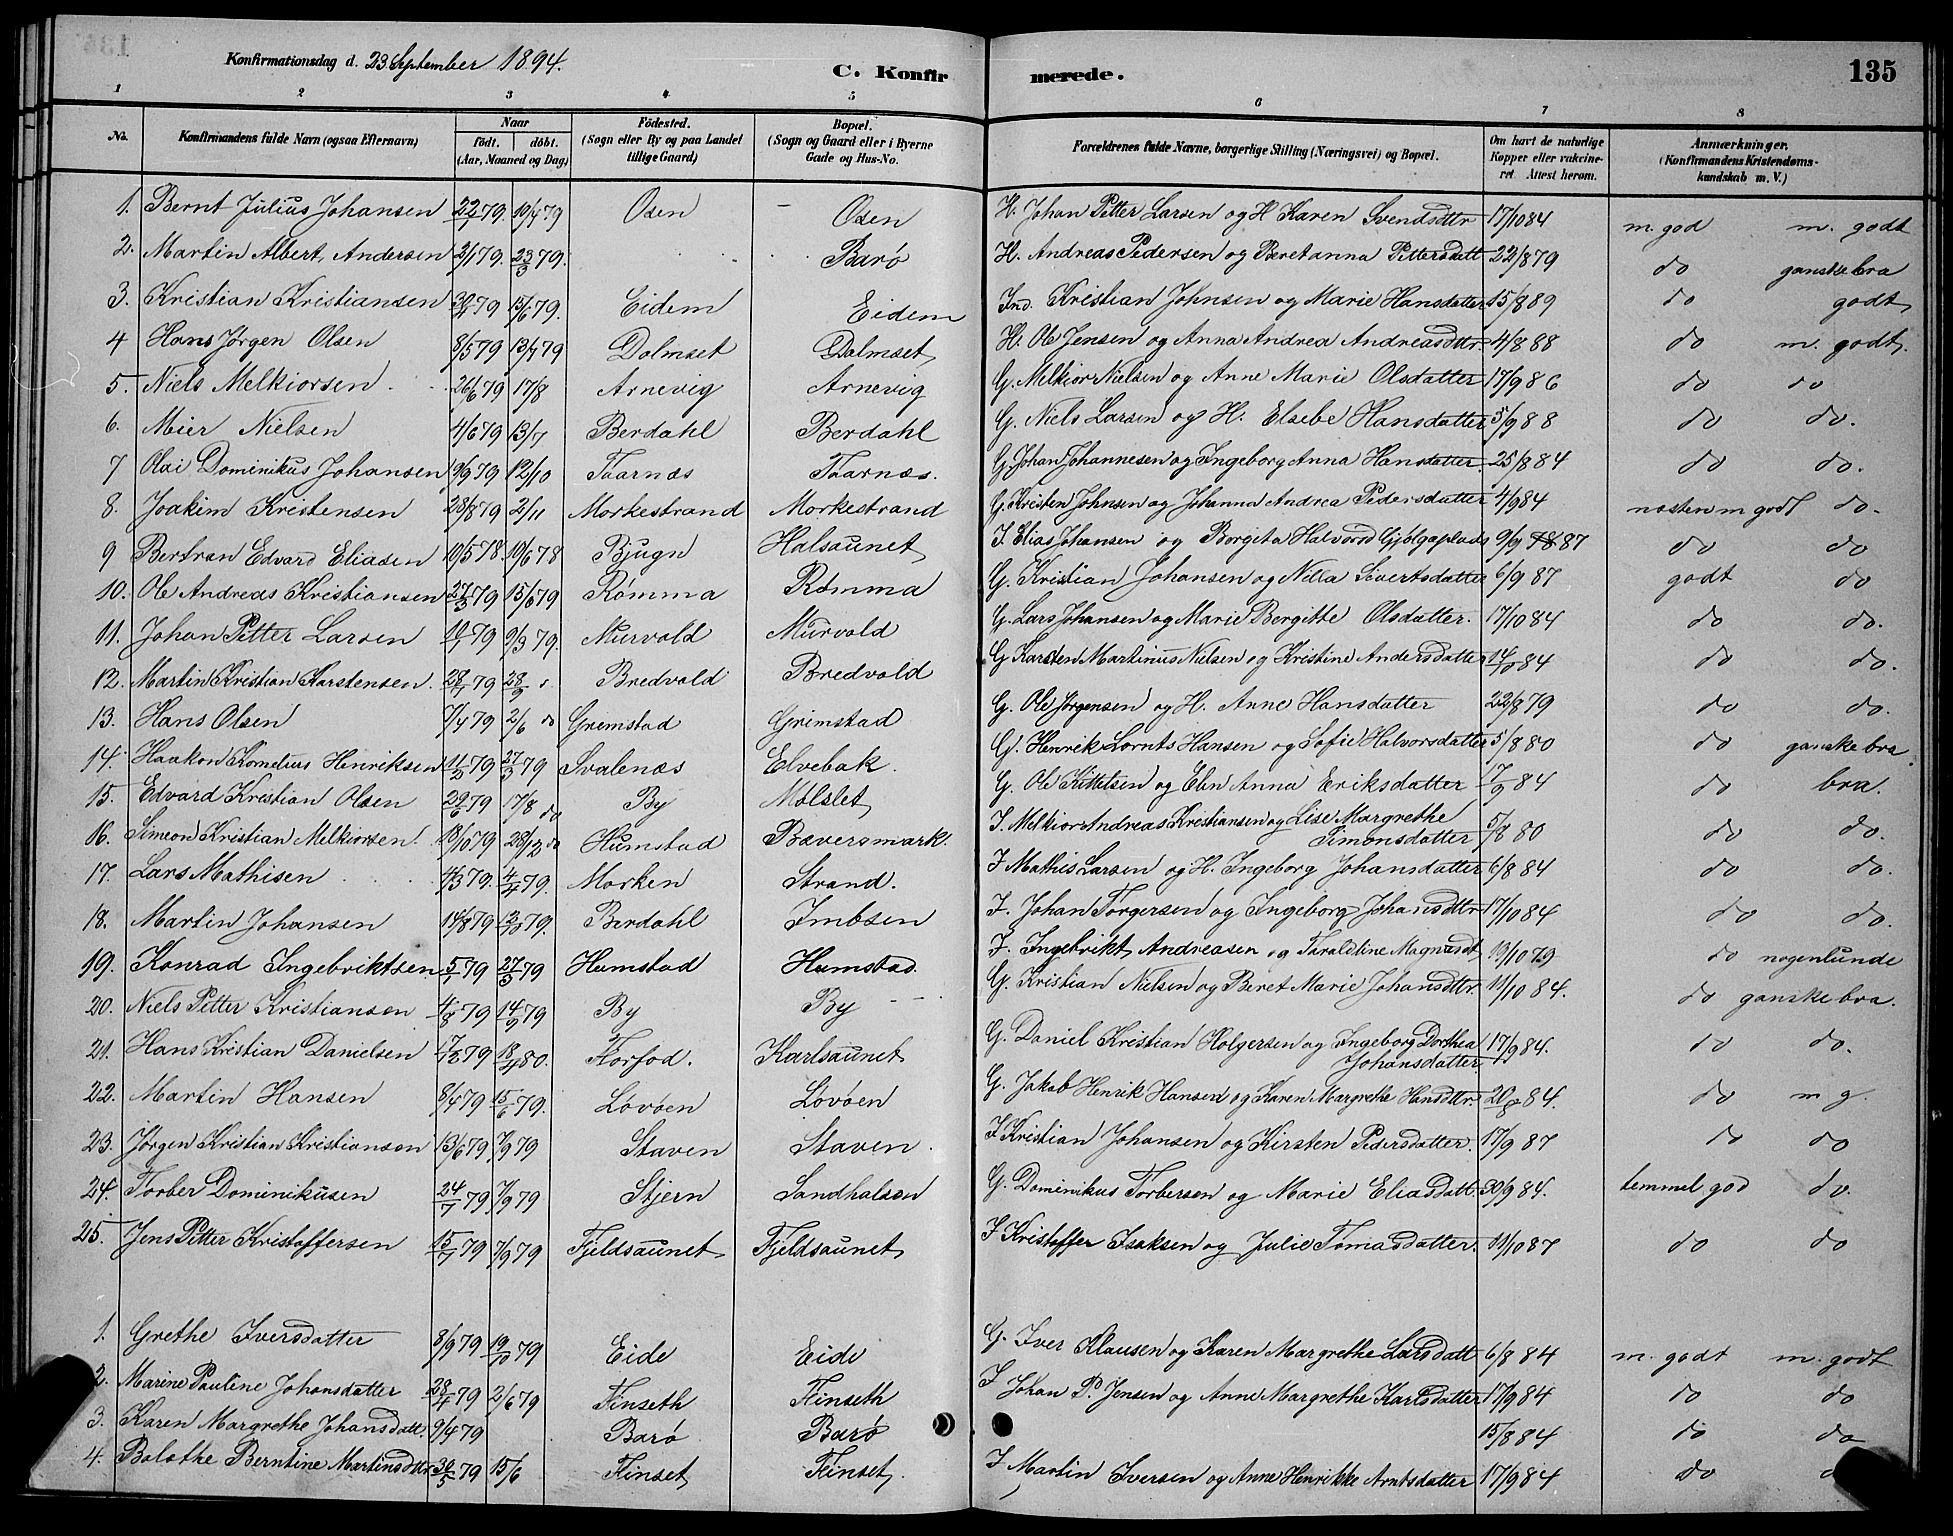 SAT, Ministerialprotokoller, klokkerbøker og fødselsregistre - Sør-Trøndelag, 655/L0687: Klokkerbok nr. 655C03, 1880-1898, s. 135